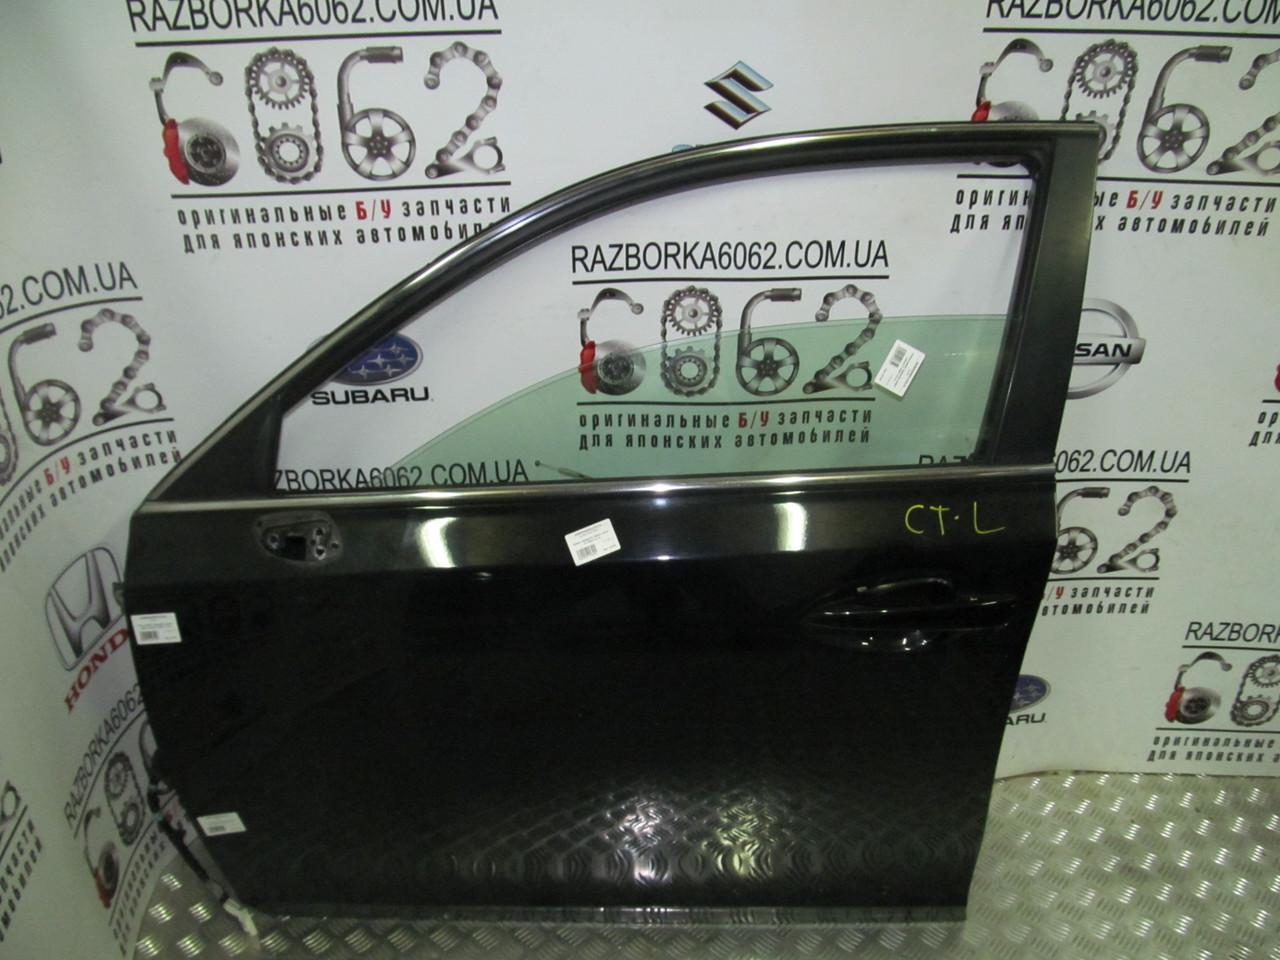 Дверь передняя левая голая Lexus CT 200H 10-14 (Лексус ЦТ 200Н)  6700276030